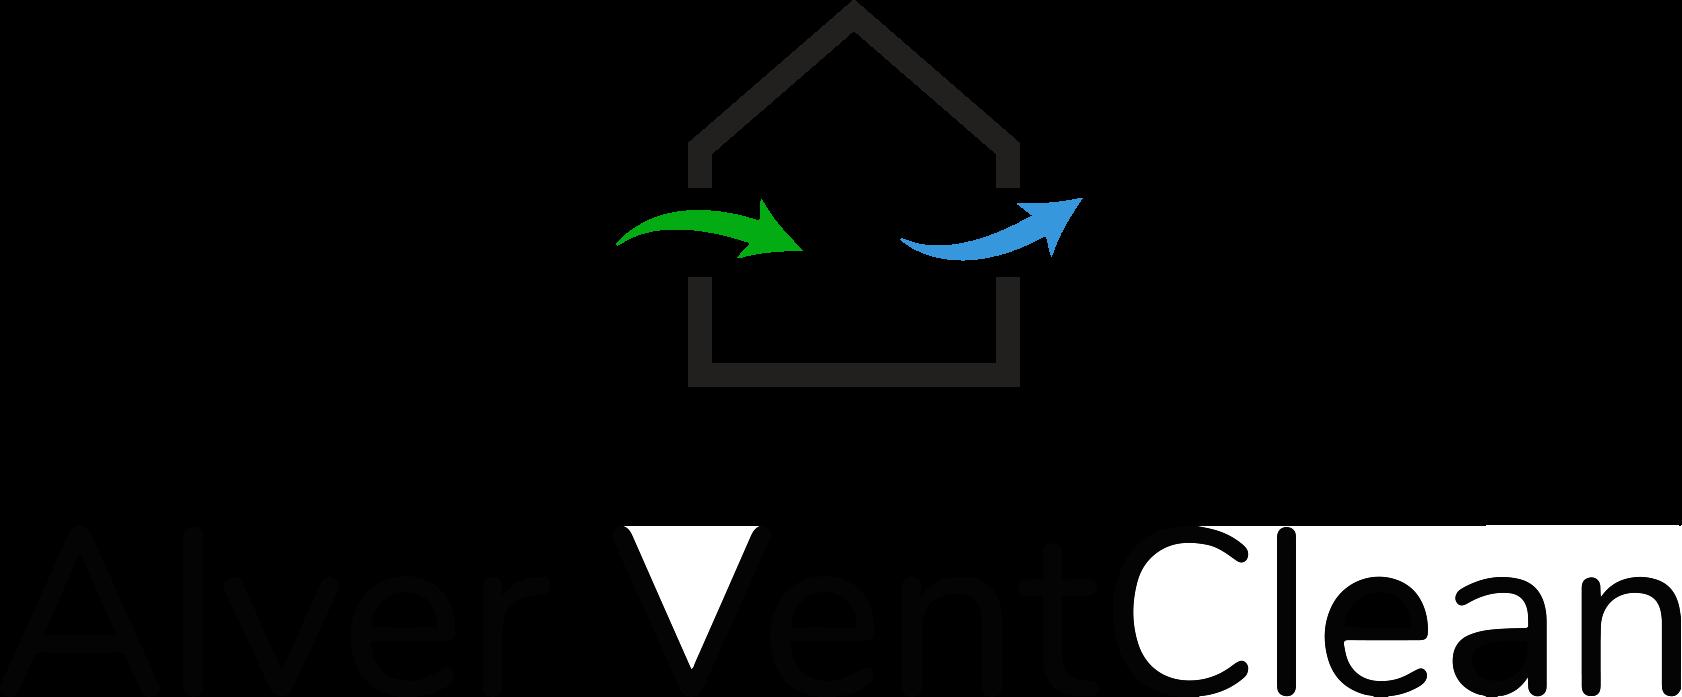 Alver-Ventclean-logo-versjon-farger.png